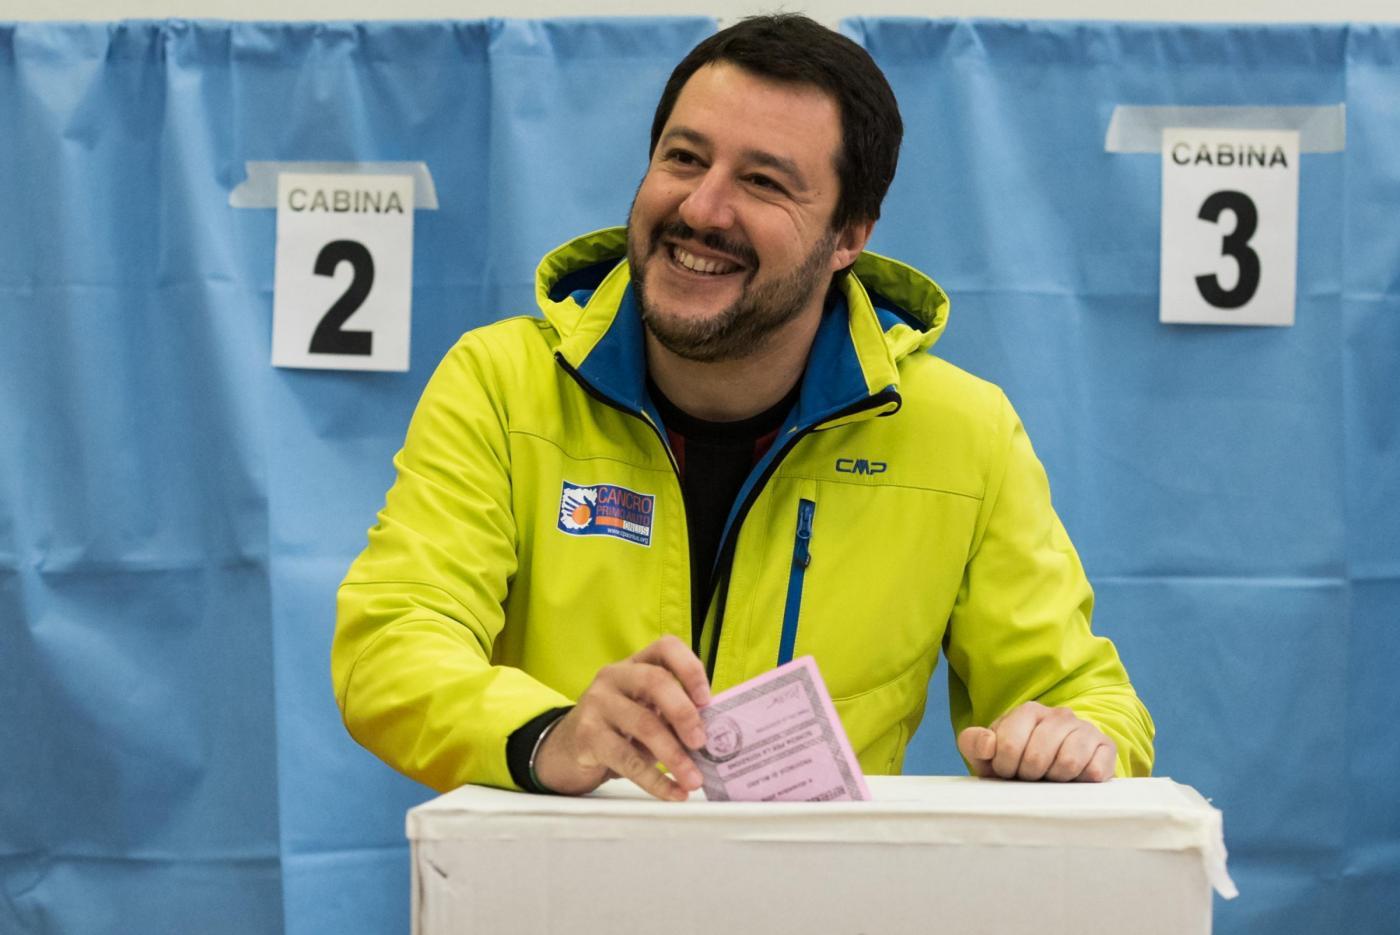 Referendum: Matteo Salvini al voto